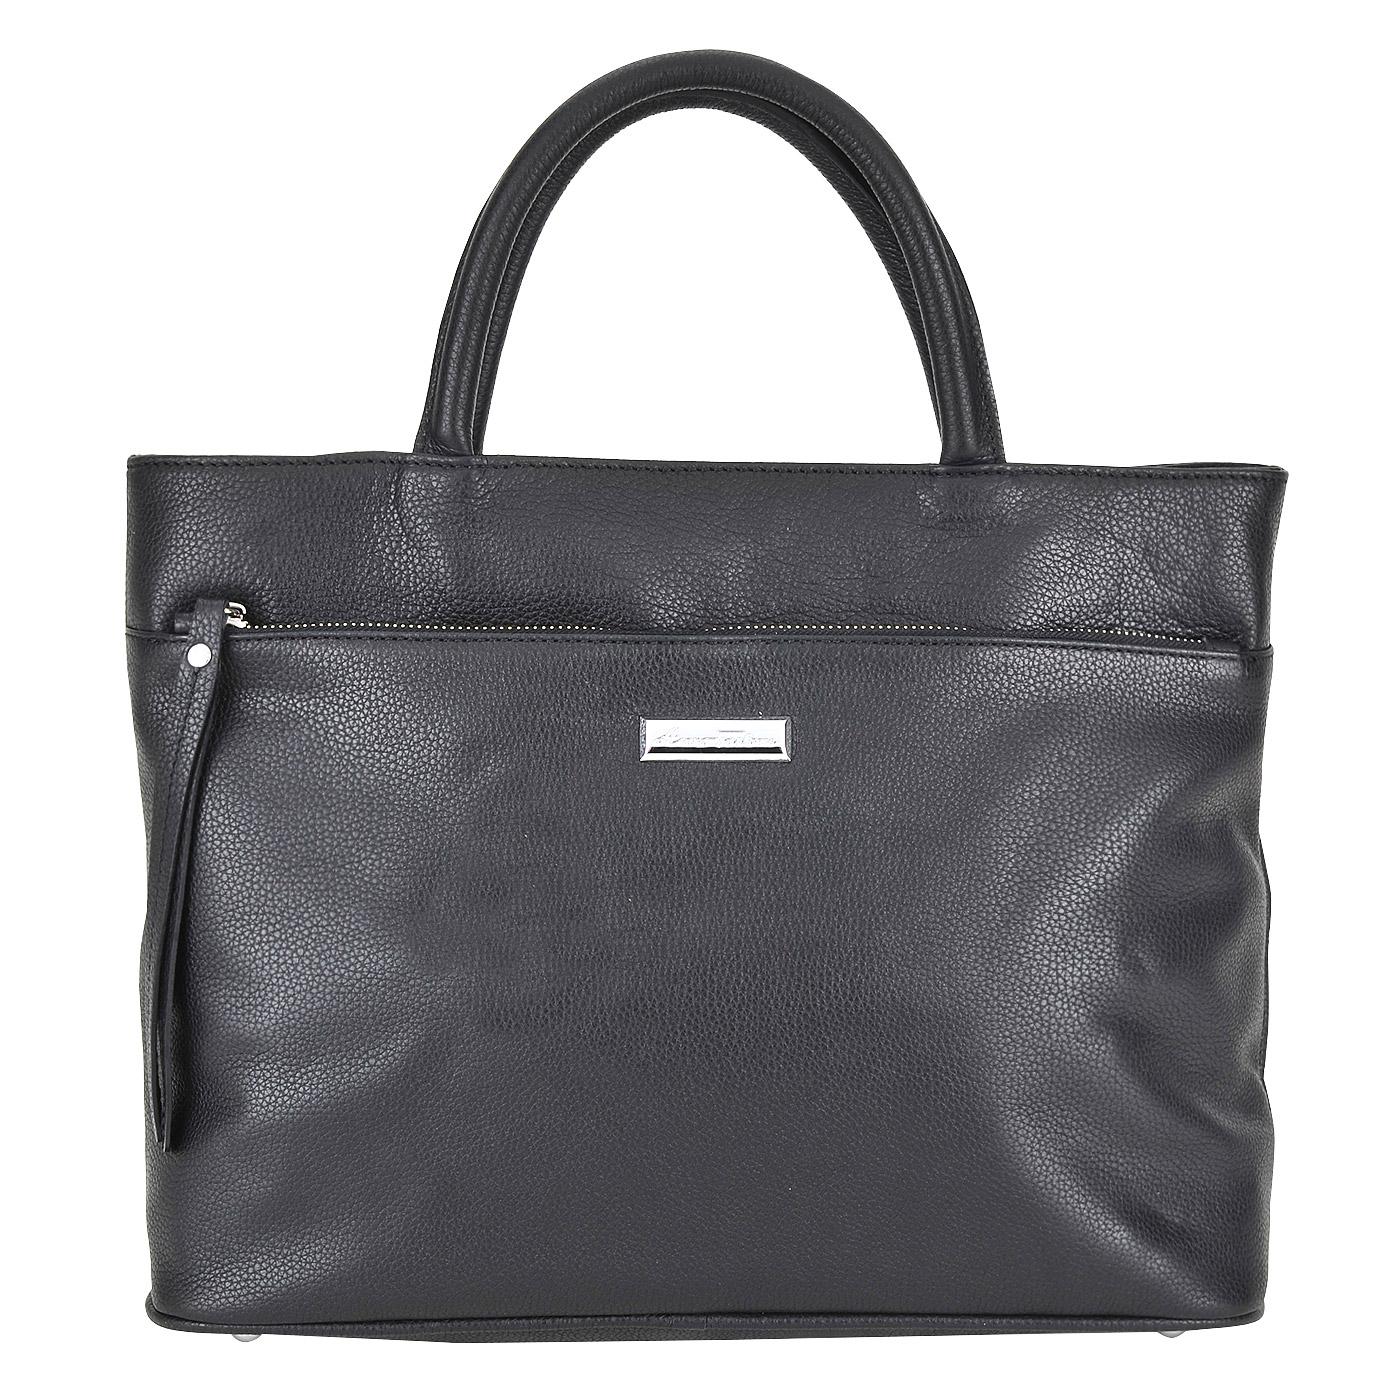 Сумка Azaro  3004 черный натуральная кожа 35 x 26 купить в интернет-магазине